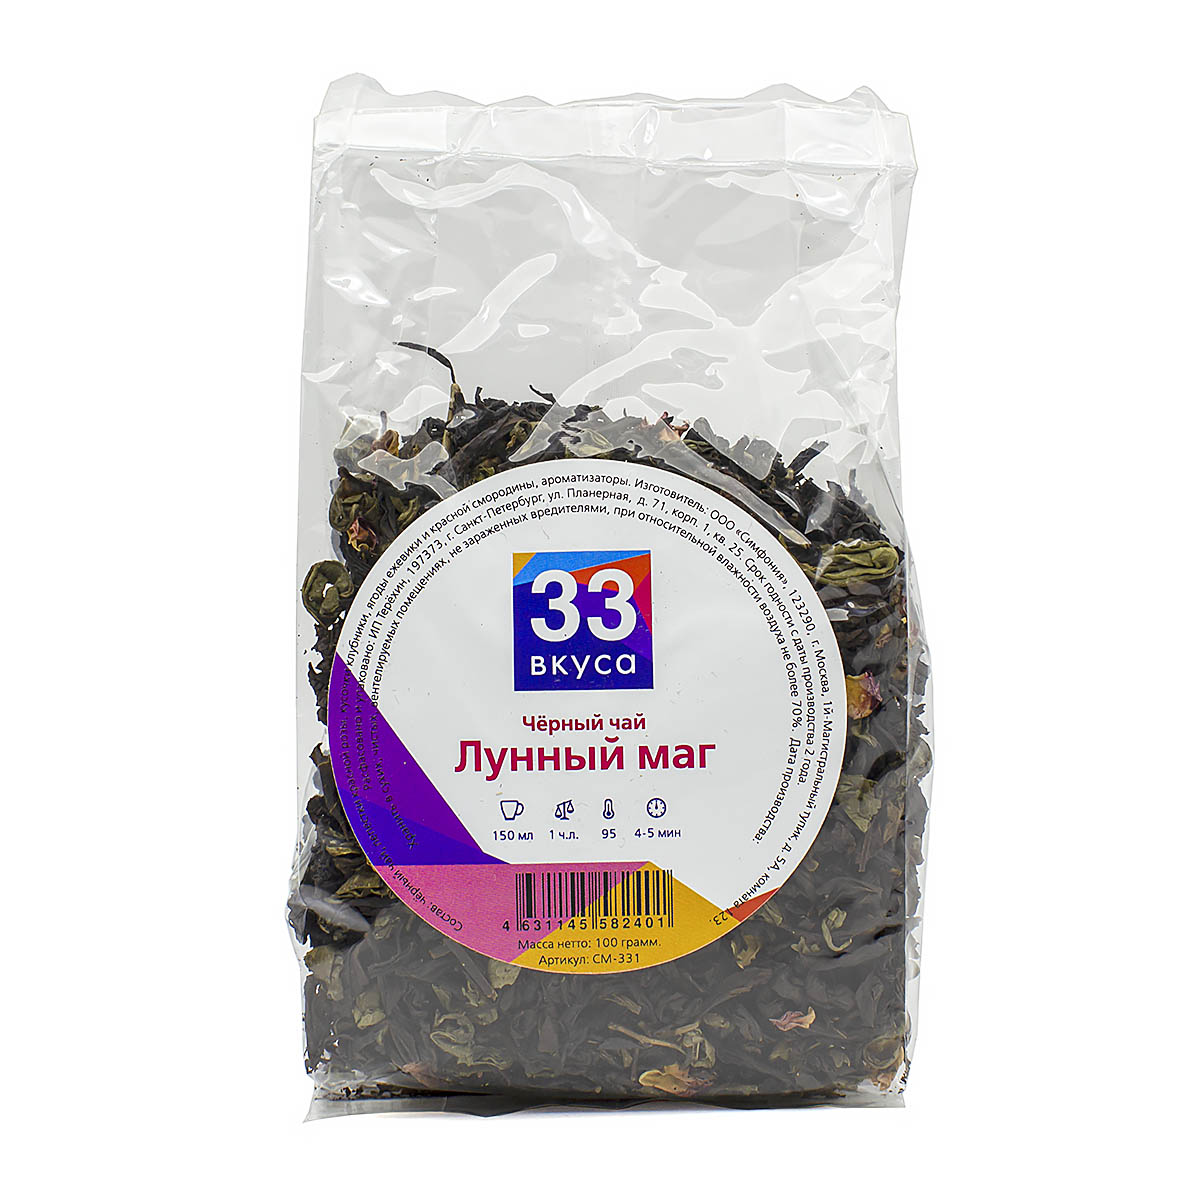 Черный ароматизированный чай Лунный маг, 100 г принцесса нури бергамот черный ароматизированный чай в пакетиках 25 шт